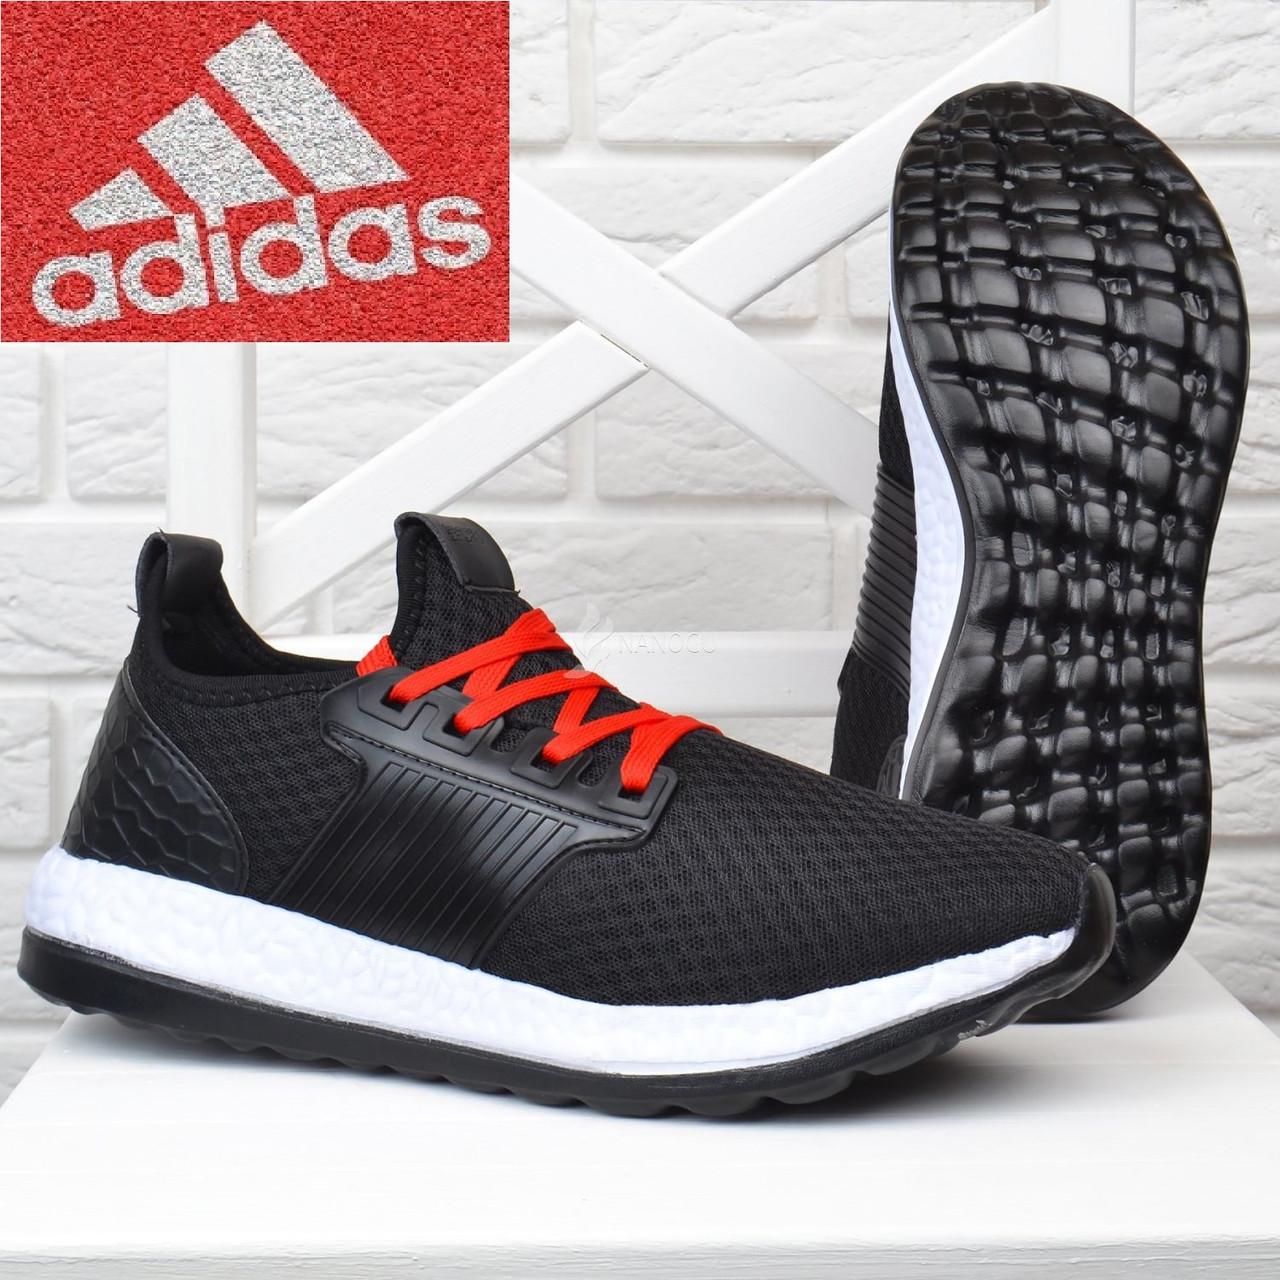 55069a4bea2f7e Кросівки чоловічі дихаючі текстильні чорні з червоним. Копія Adidas Runner  (Адідас) - Интернет